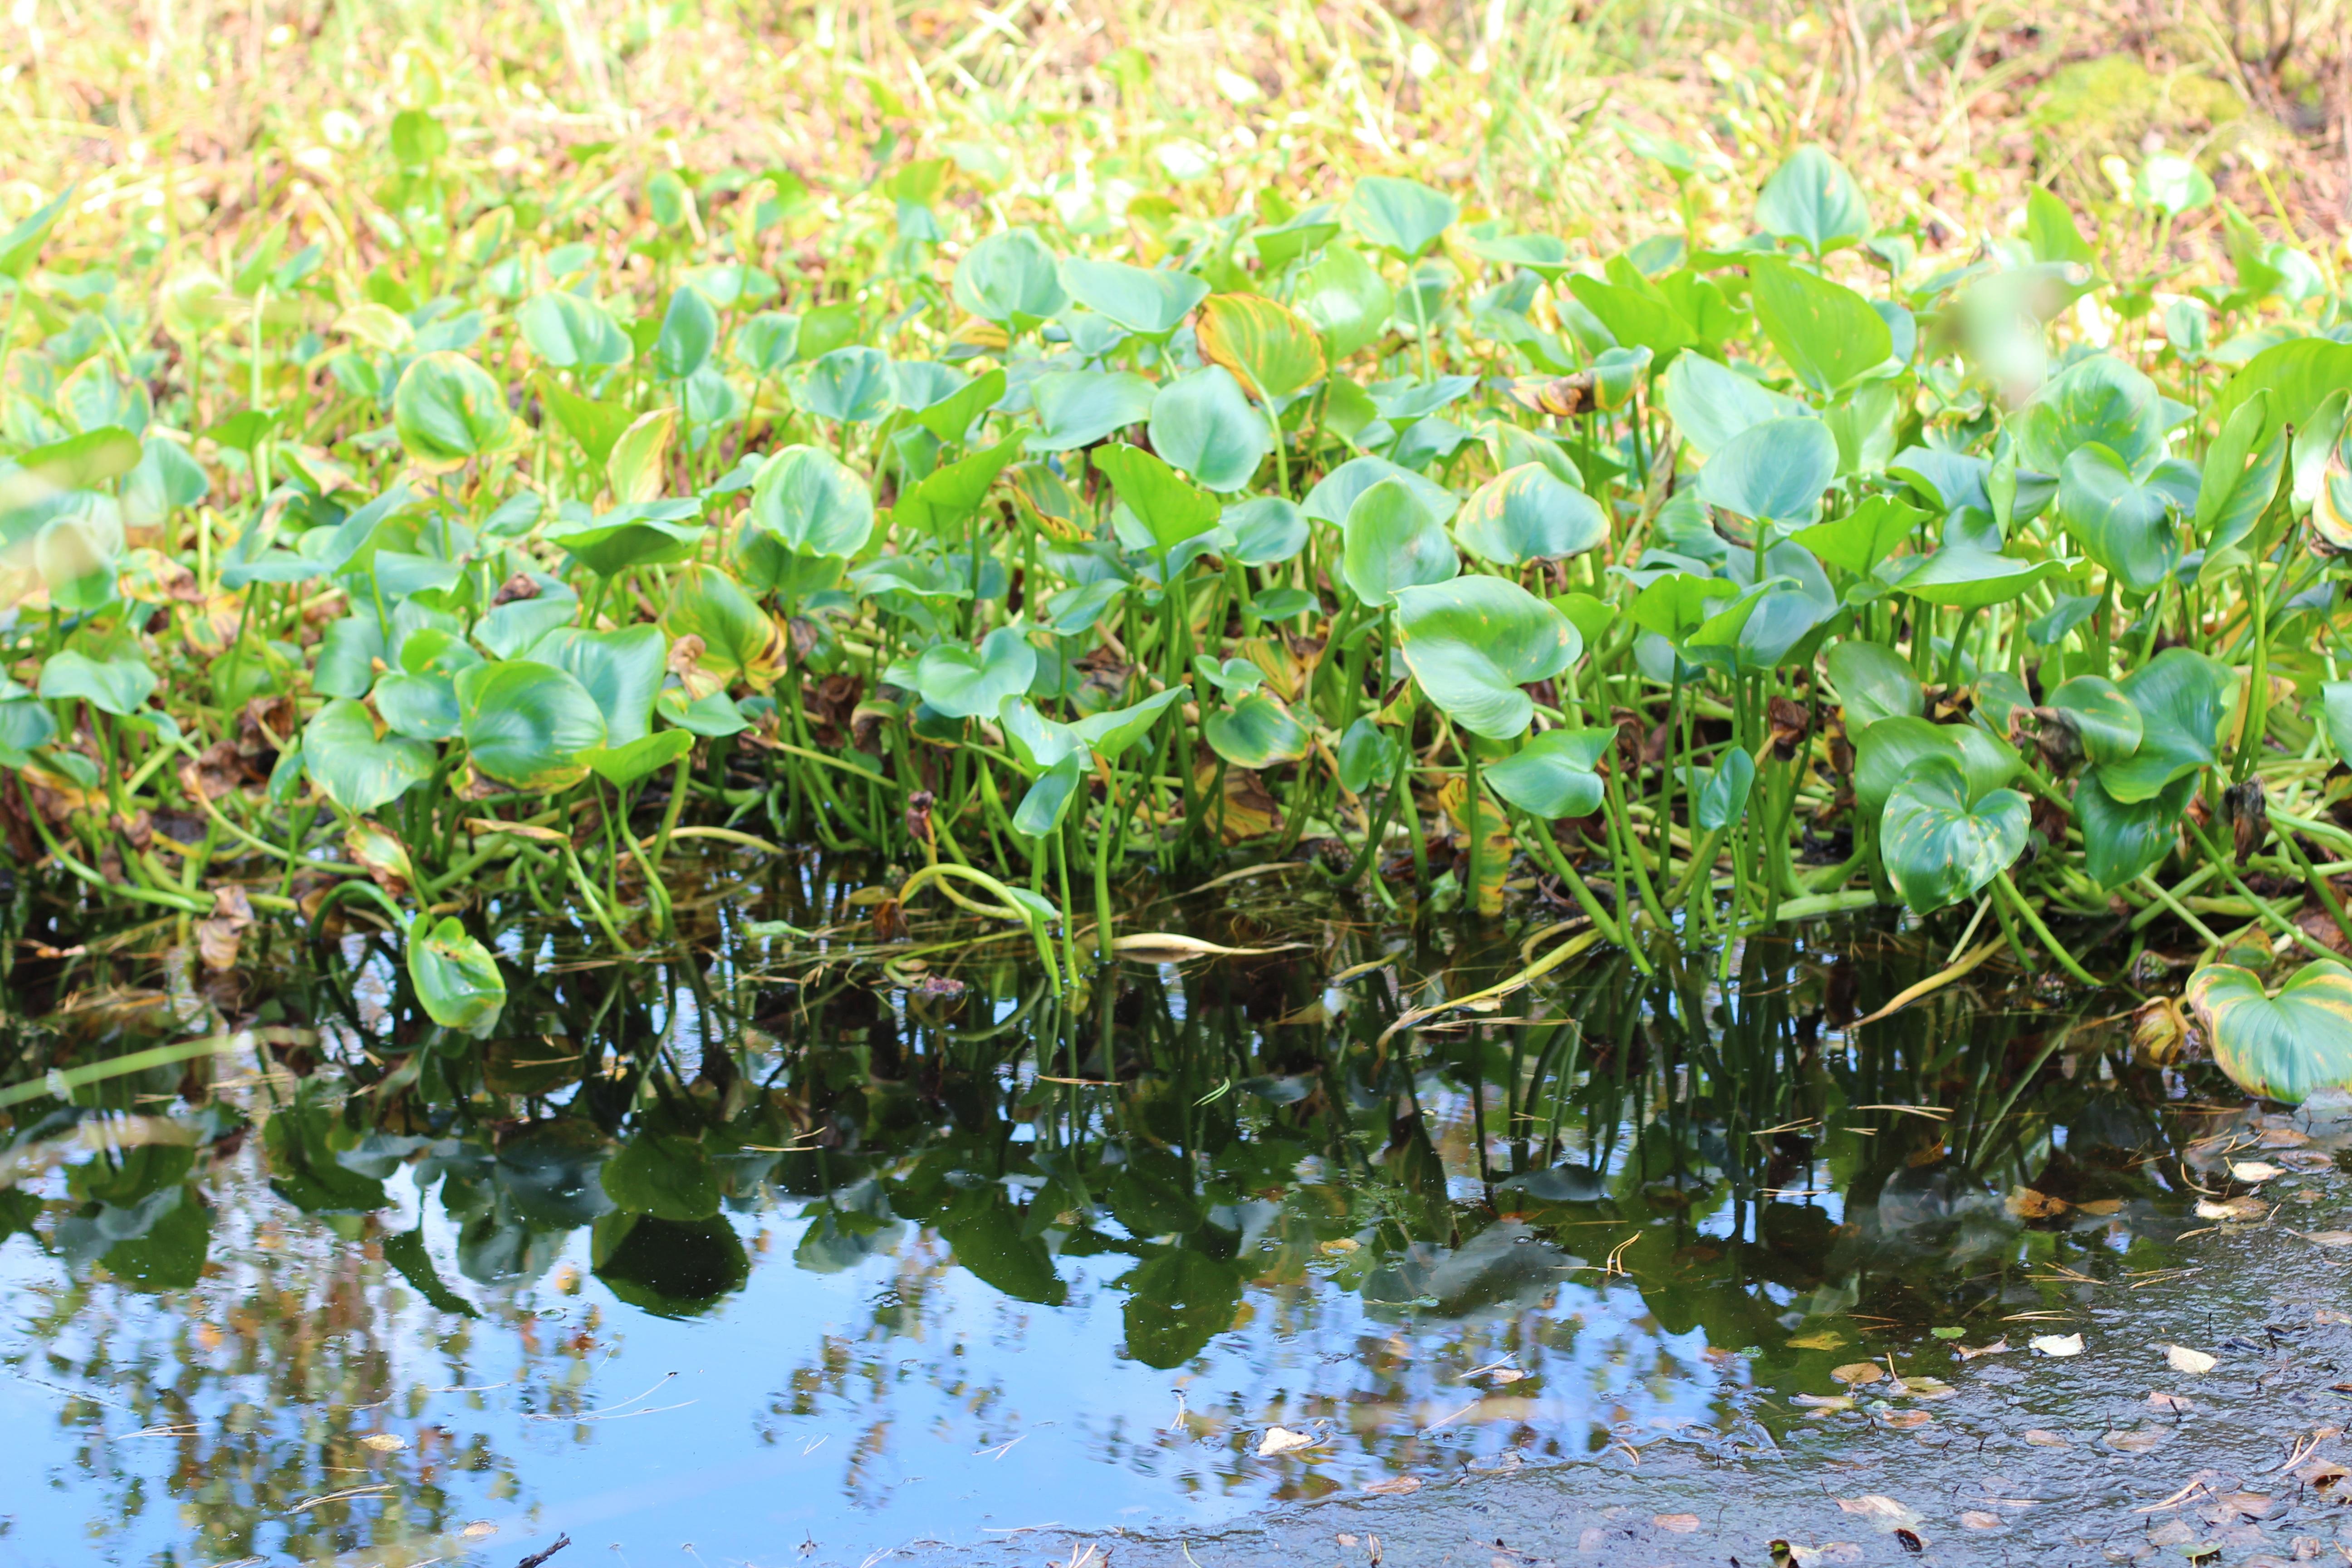 некоторых болотная растительность фото прекрасно осознаю, что